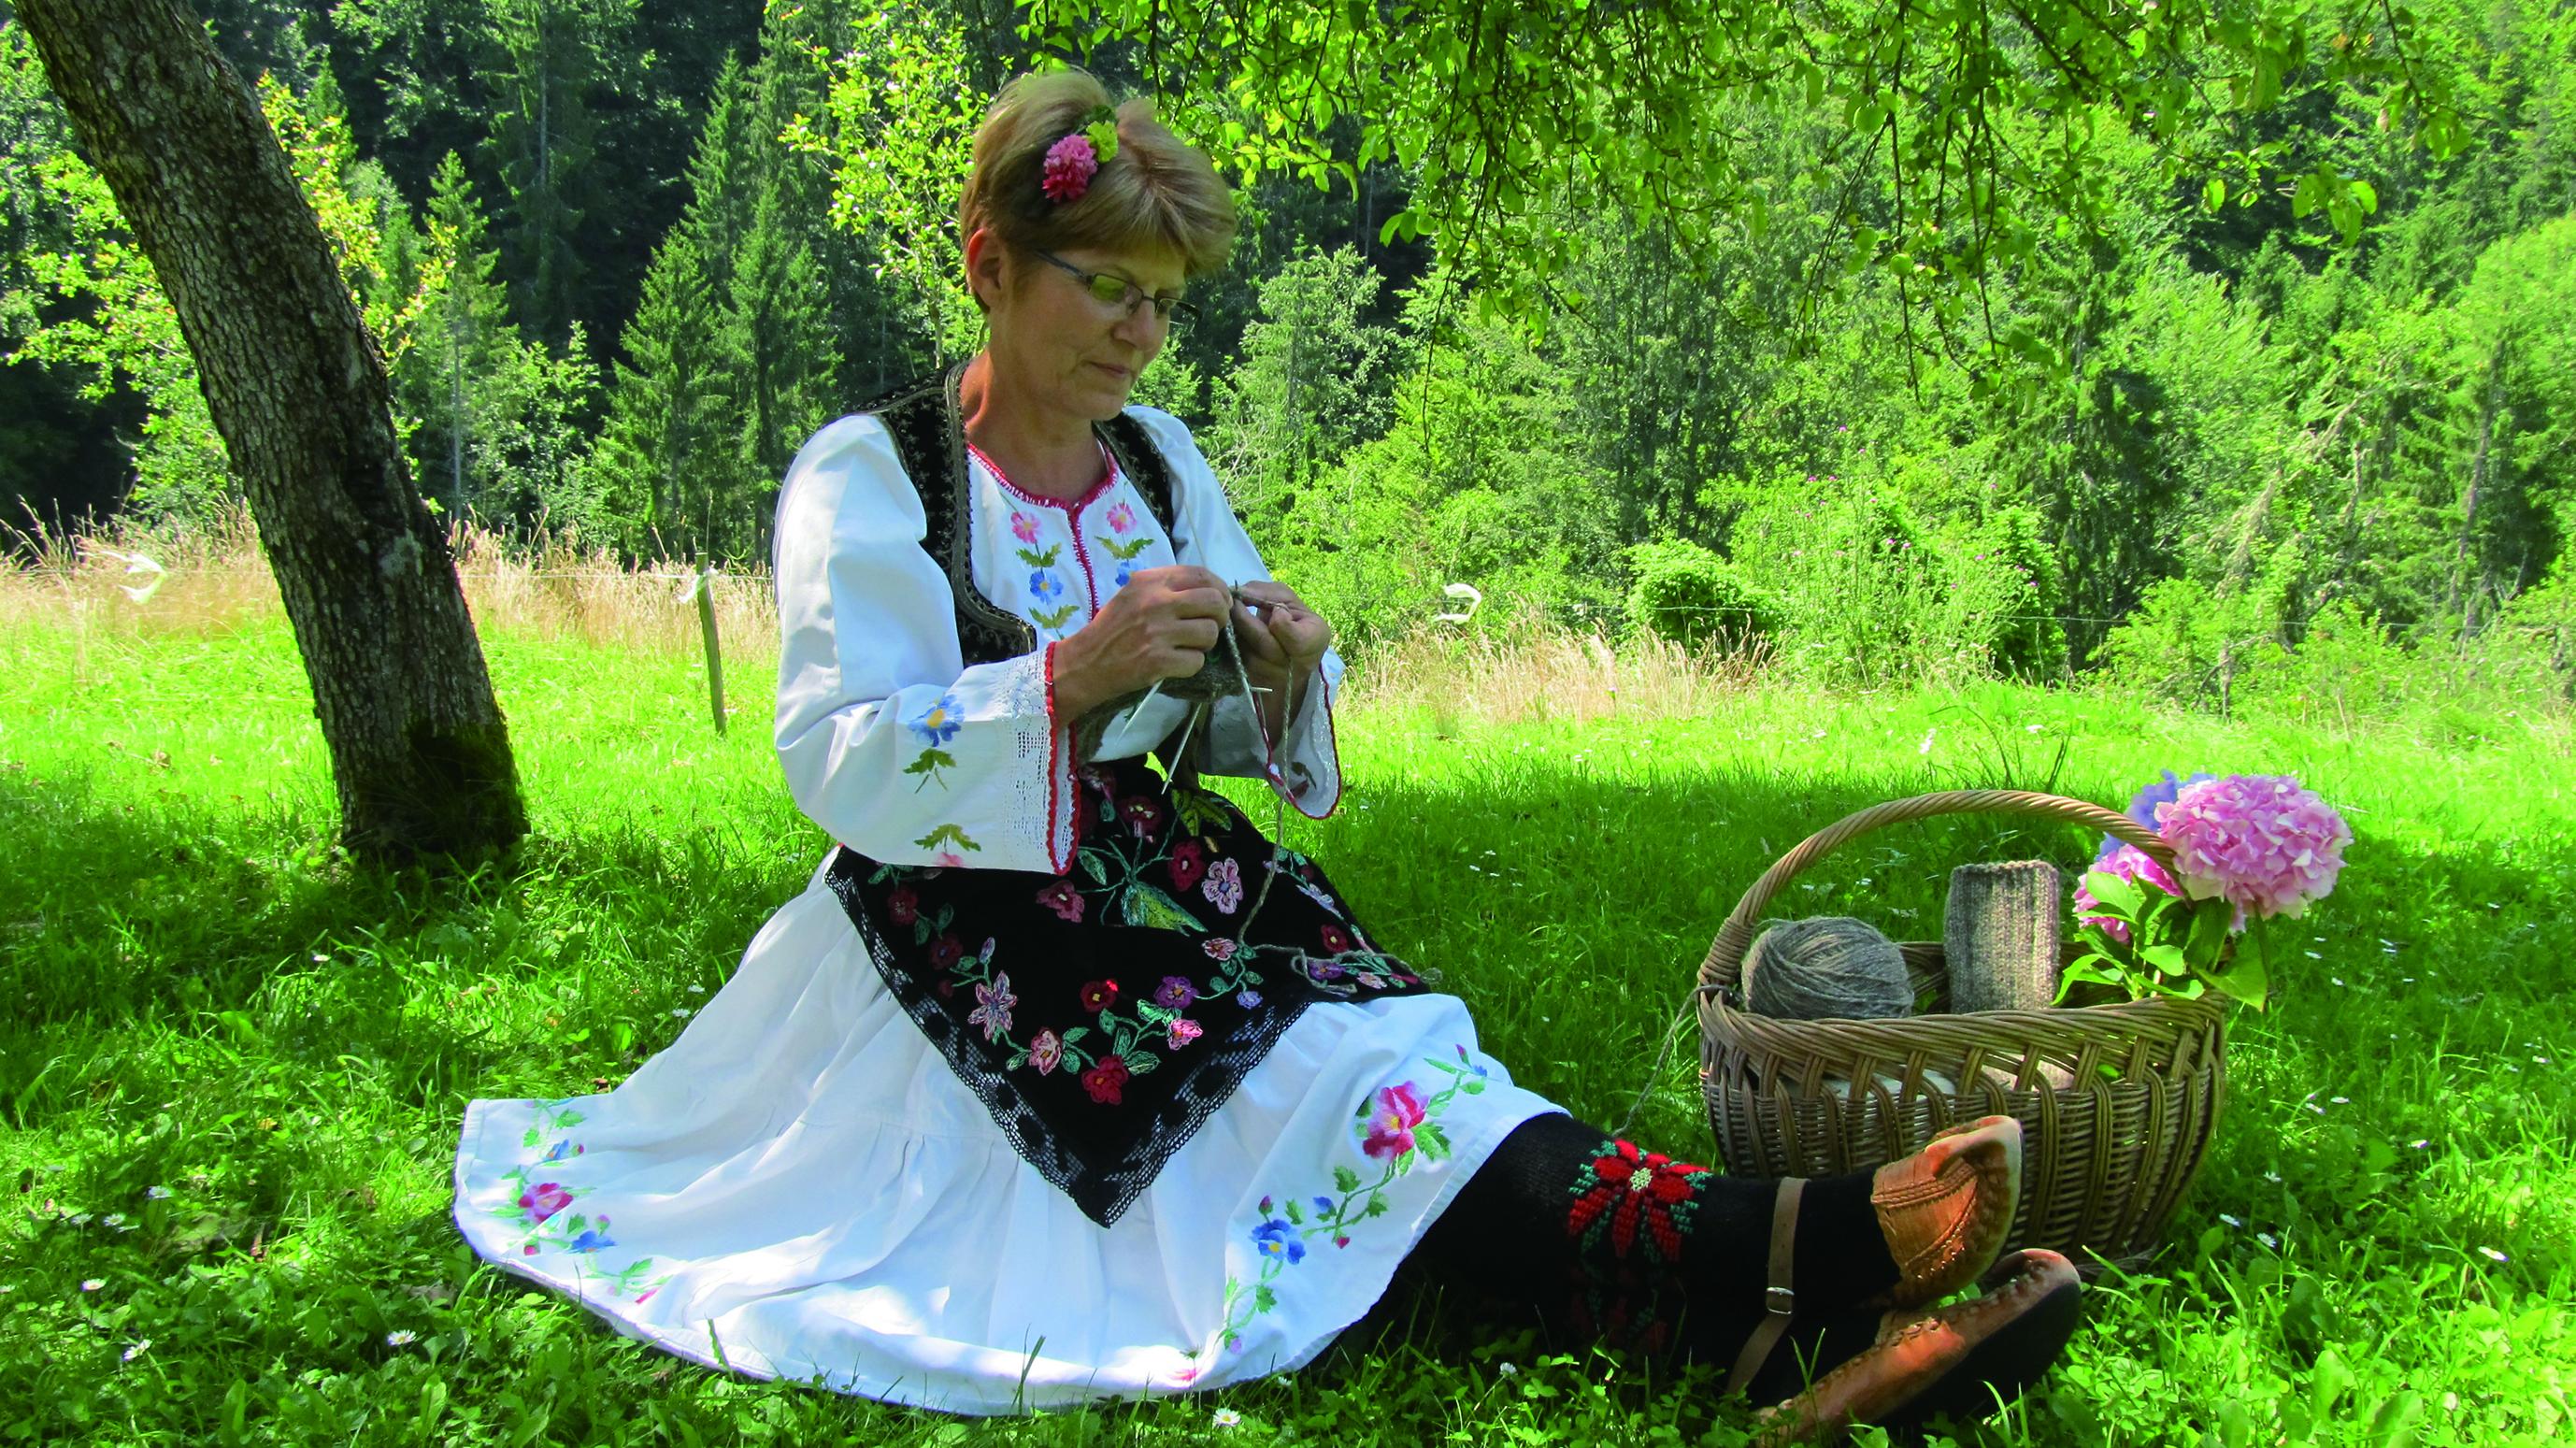 圖6 塞爾維亞工藝師將帶來傳統服飾展示並示範編織襪製作.JPG